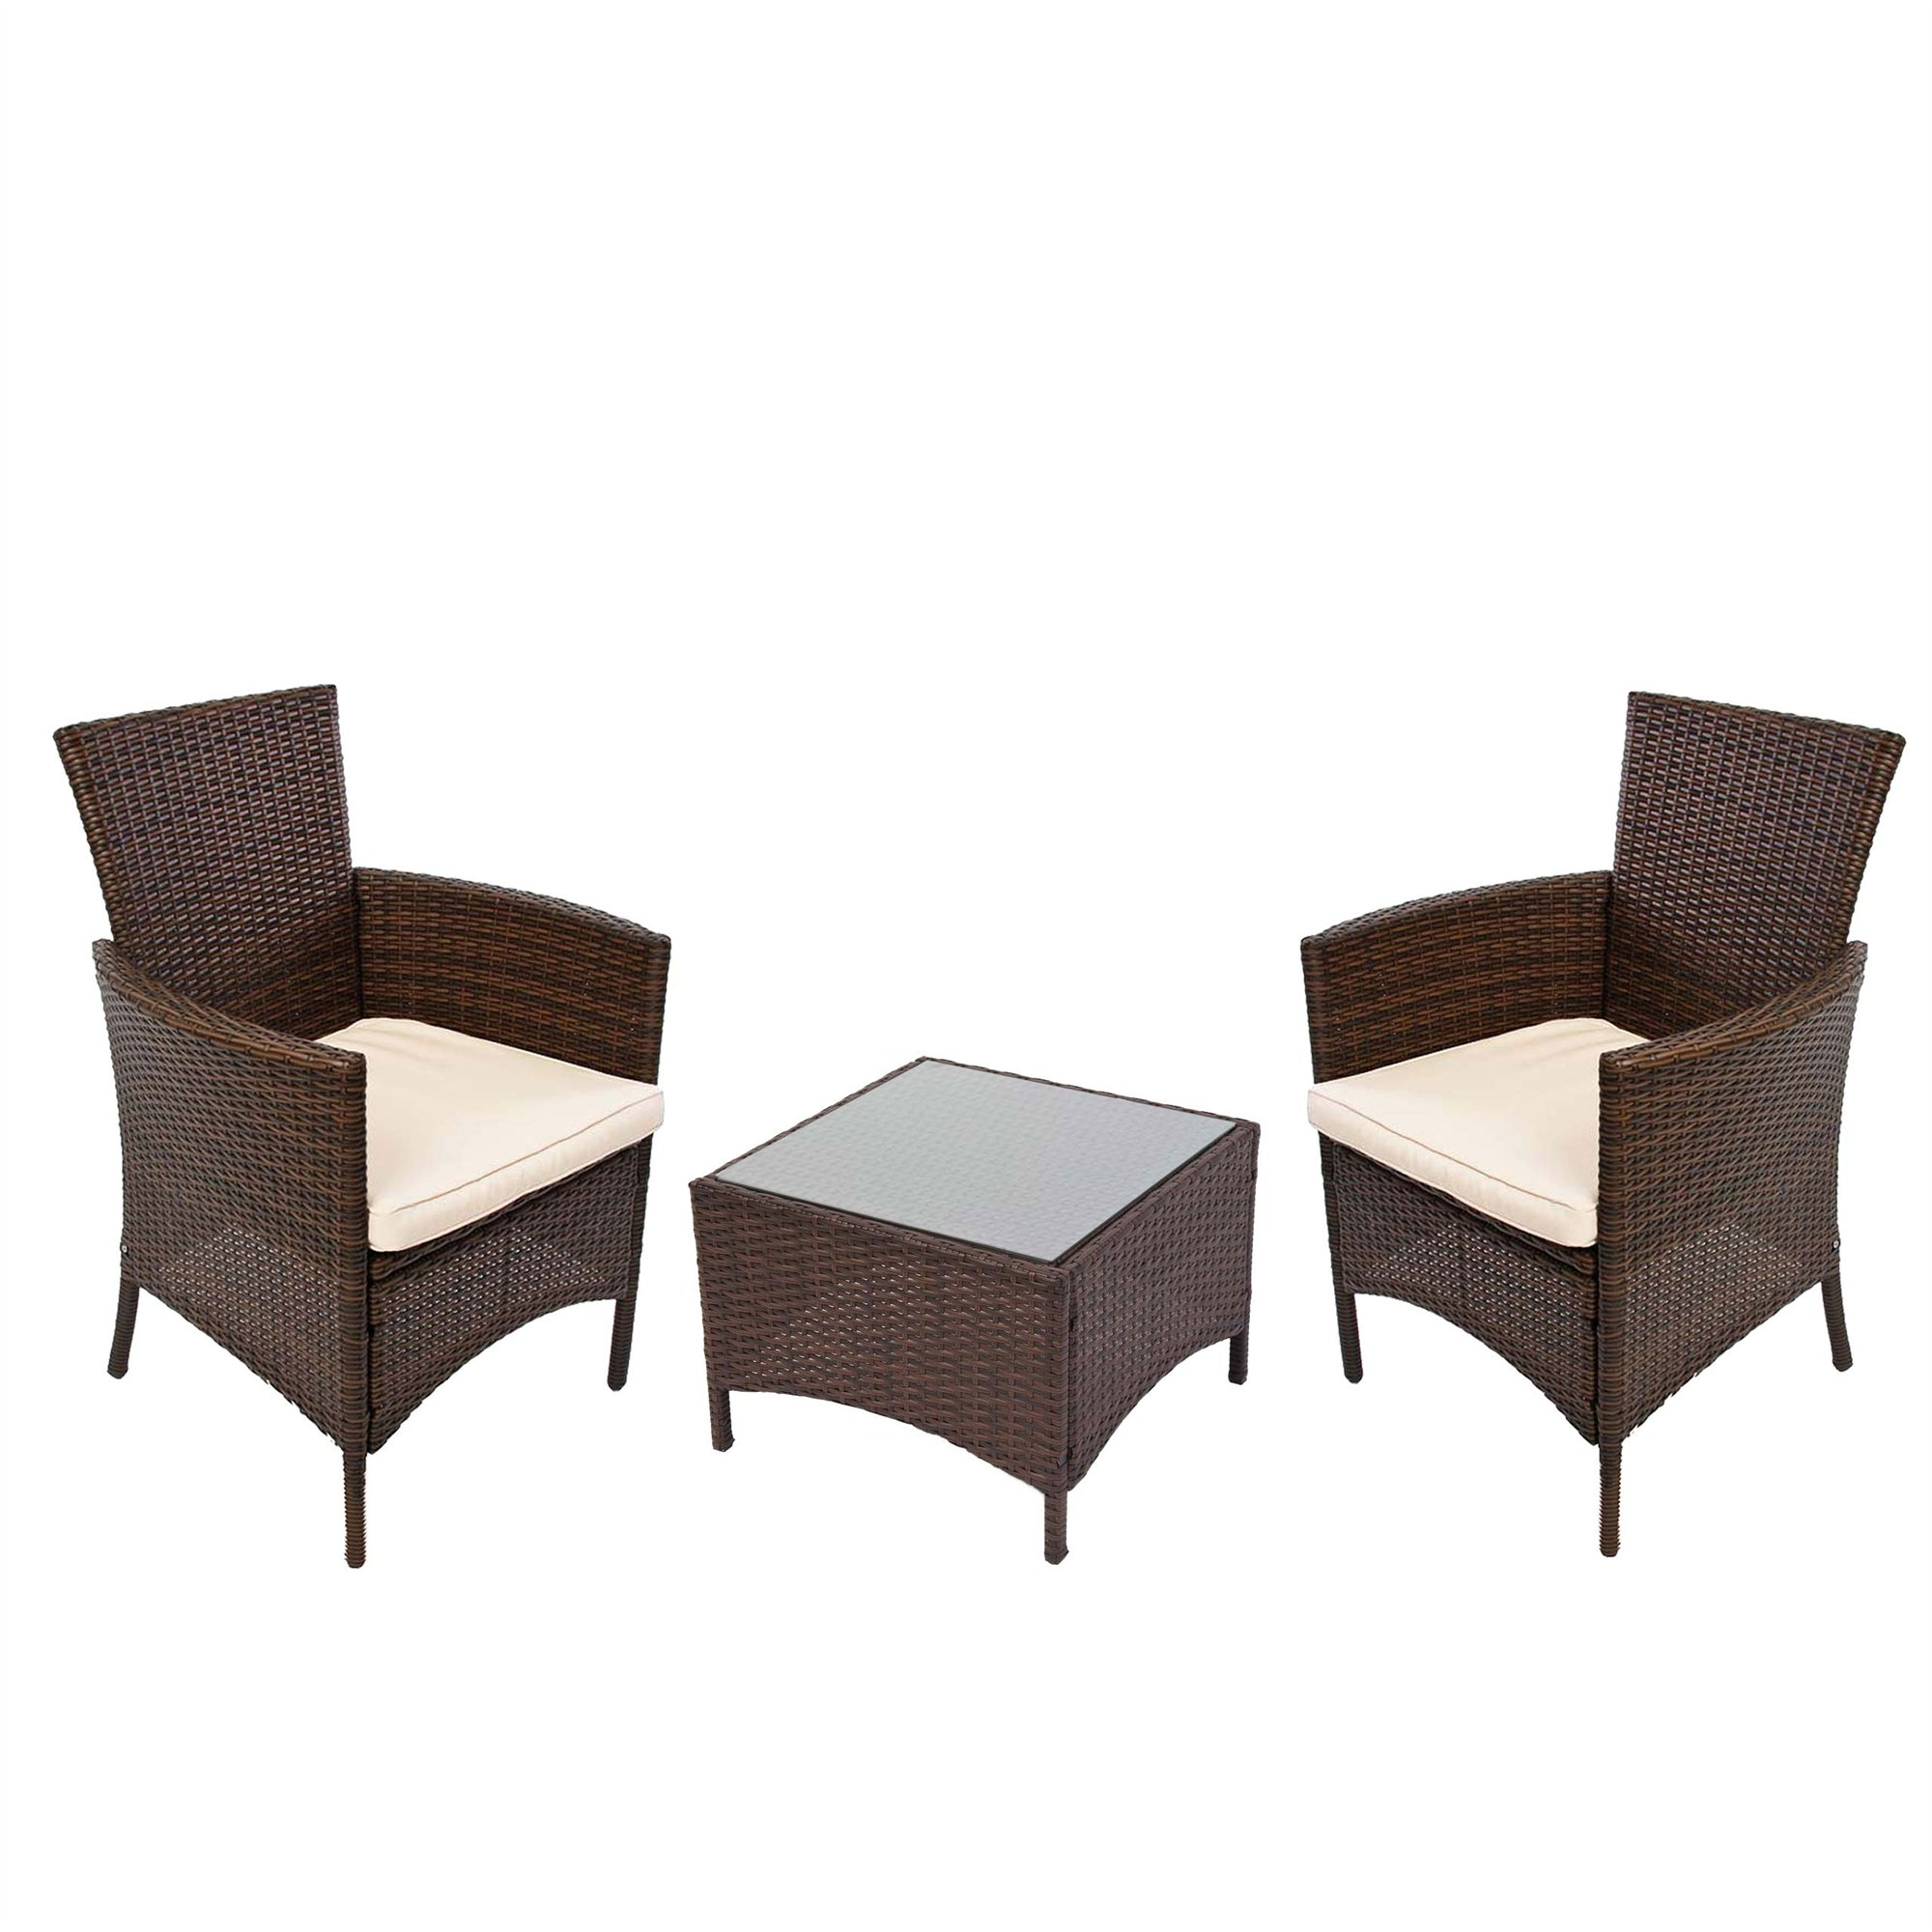 Ventajas de las sillas de mimbre para jard n - Muebles de mimbre para jardin ...